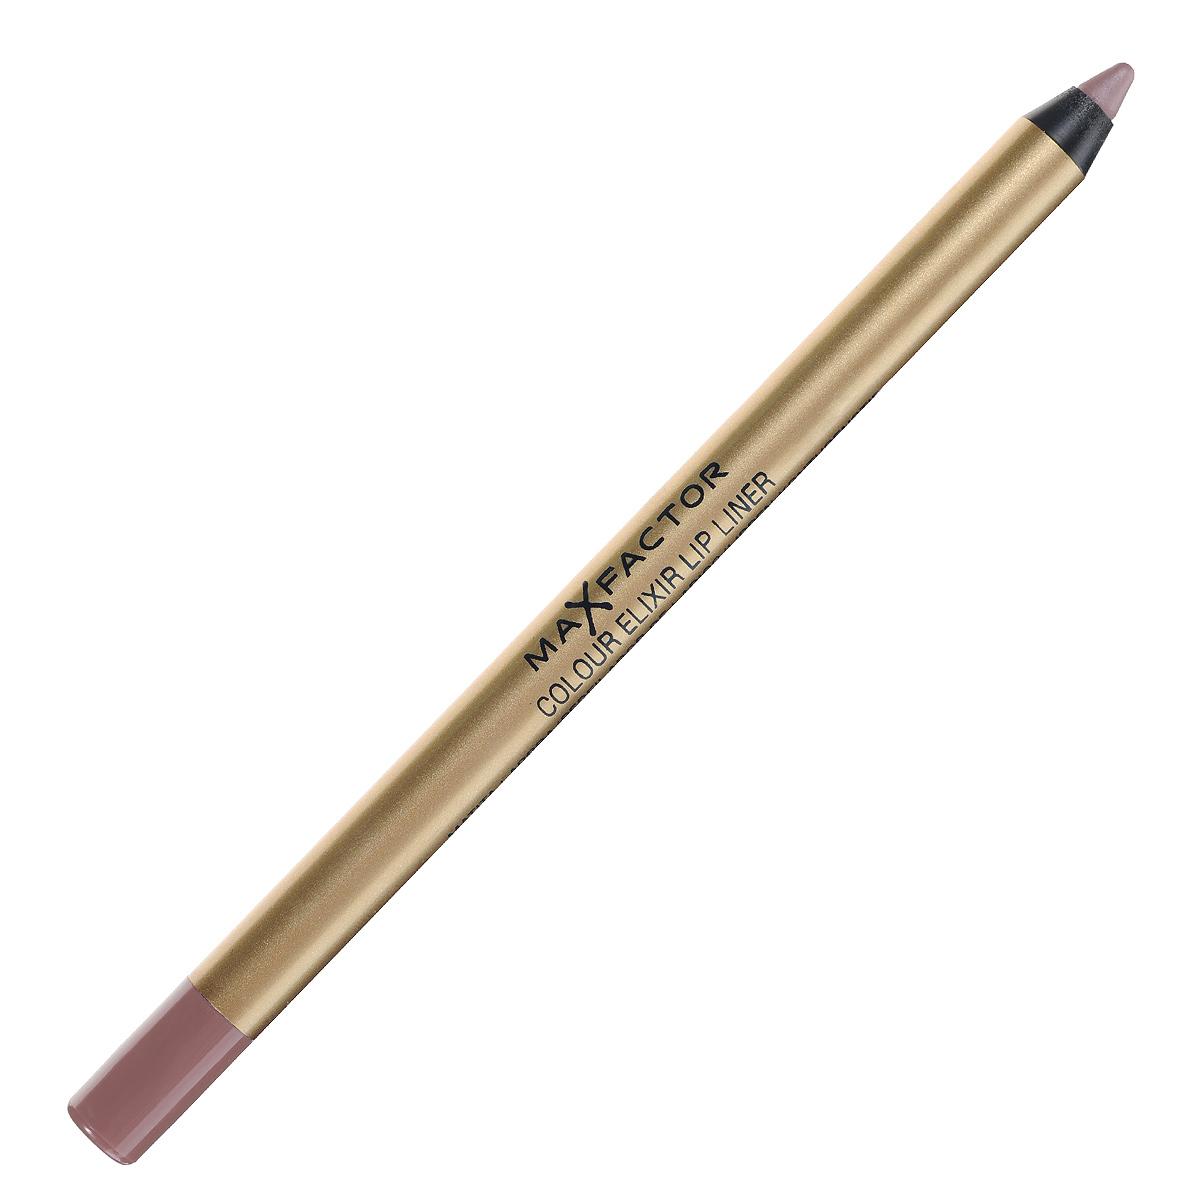 блеск для губ max factor colour elixir gloss 80 Max Factor Карандаш для губ Colour Elixir Lip Liner, тон №02 pink petal, цвет: светло-розовый